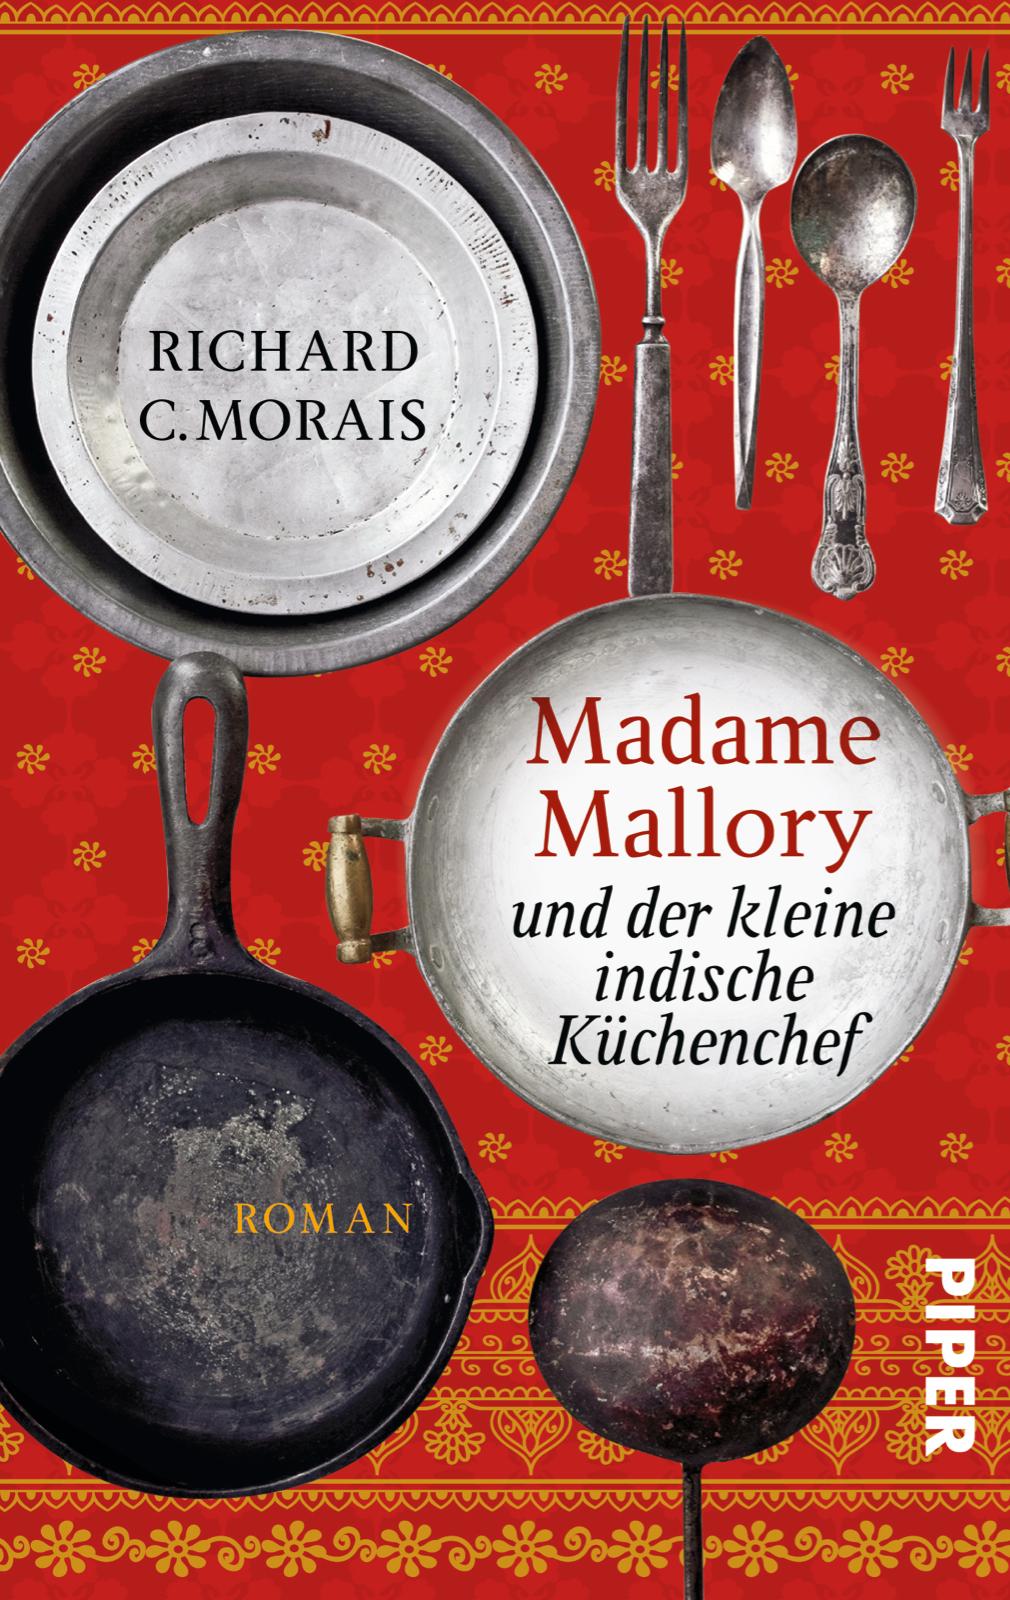 Madame Mallory und der kleine indische Küchenchef - Richard Morais